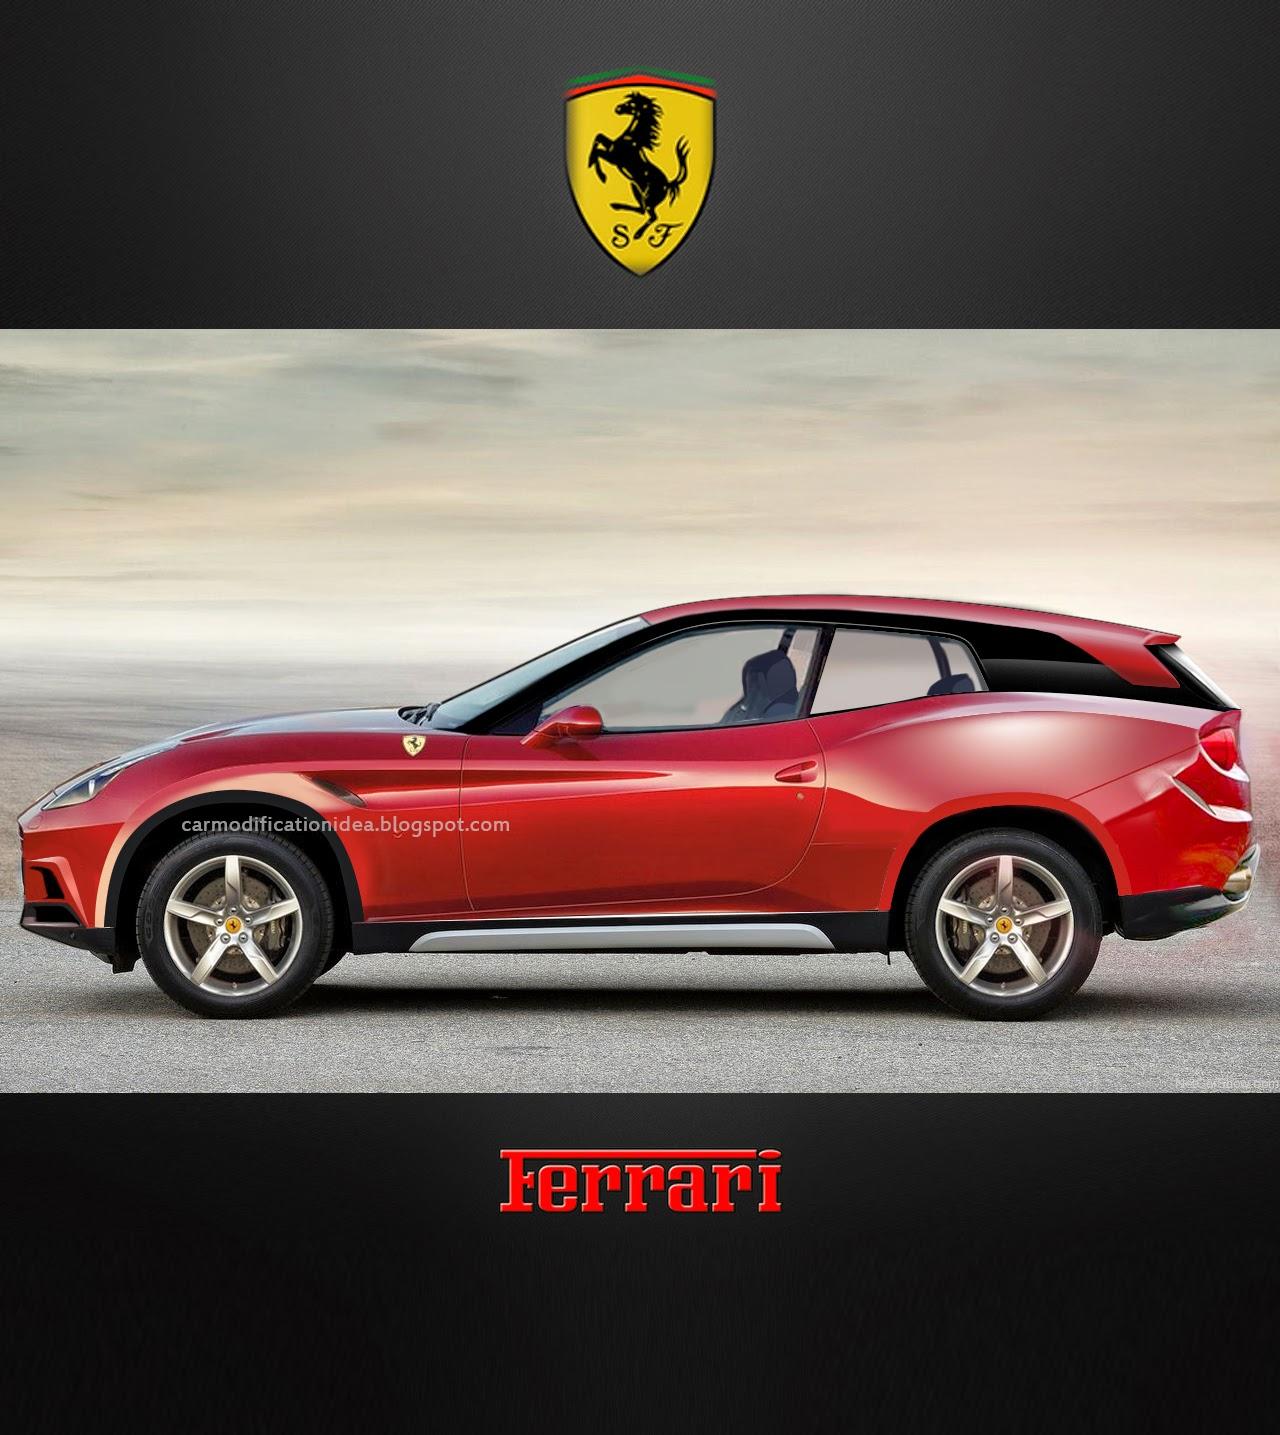 Ferrari SUV | Car Modification Idea